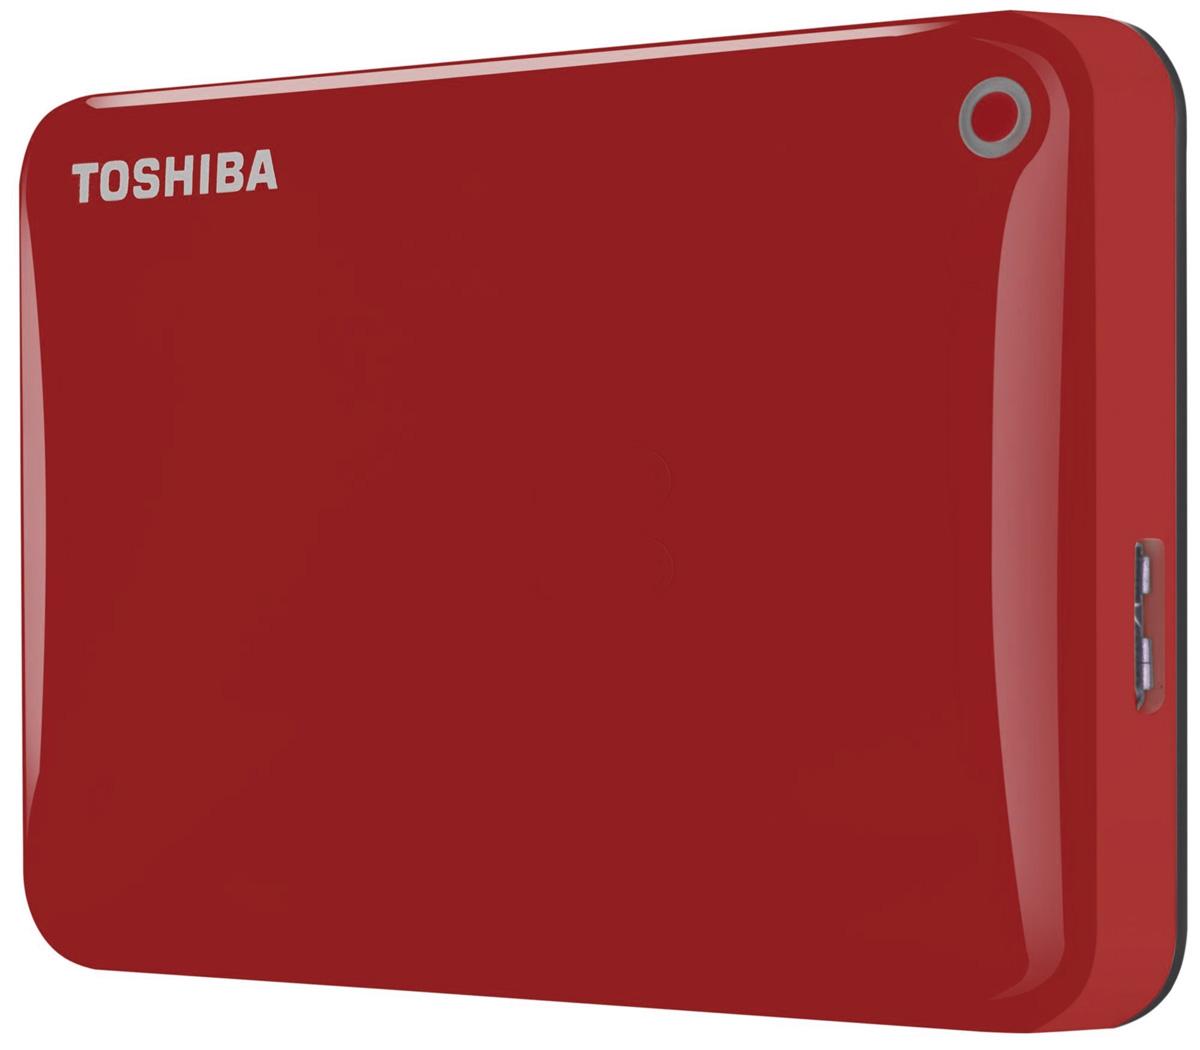 Toshiba Canvio Connect II 500GB, Red внешний жесткий диск (HDTC805ER3AA)HDTC805ER3AAToshiba Canvio Connect II дает вам возможность быстро передавать файлы с интерфейсом USB 3.0 и хранить большое количество данных на внешнем жестком диске. Устройство полностью готово для работы с Microsoft Windows и не требует установки программного обеспечения, так что ничего не может быть удобнее для хранения всех ваших любимых файлов. В офисе или в дороге его классический дизайн будет всегда уместен. Более того, Toshiba Canvio Connect II позволяет подключаться также и к оборудованию с совместимостью USB 2.0. Этот внешний накопитель обеспечивает доступ к вашим файлам практически из любого места и с любого устройства. Toshiba Canvio Connect II может легко превратить ваш компьютер в облачный сервер благодаря предустановленному ПО для удаленного доступа (накопитель должен быть подключен к компьютеру и Wi-Fi). Помимо удаленного доступа это устройство предоставляет своему владельцу 10 ГБ дополнительного места в облачном сервисе. Программное обеспечение NTI...